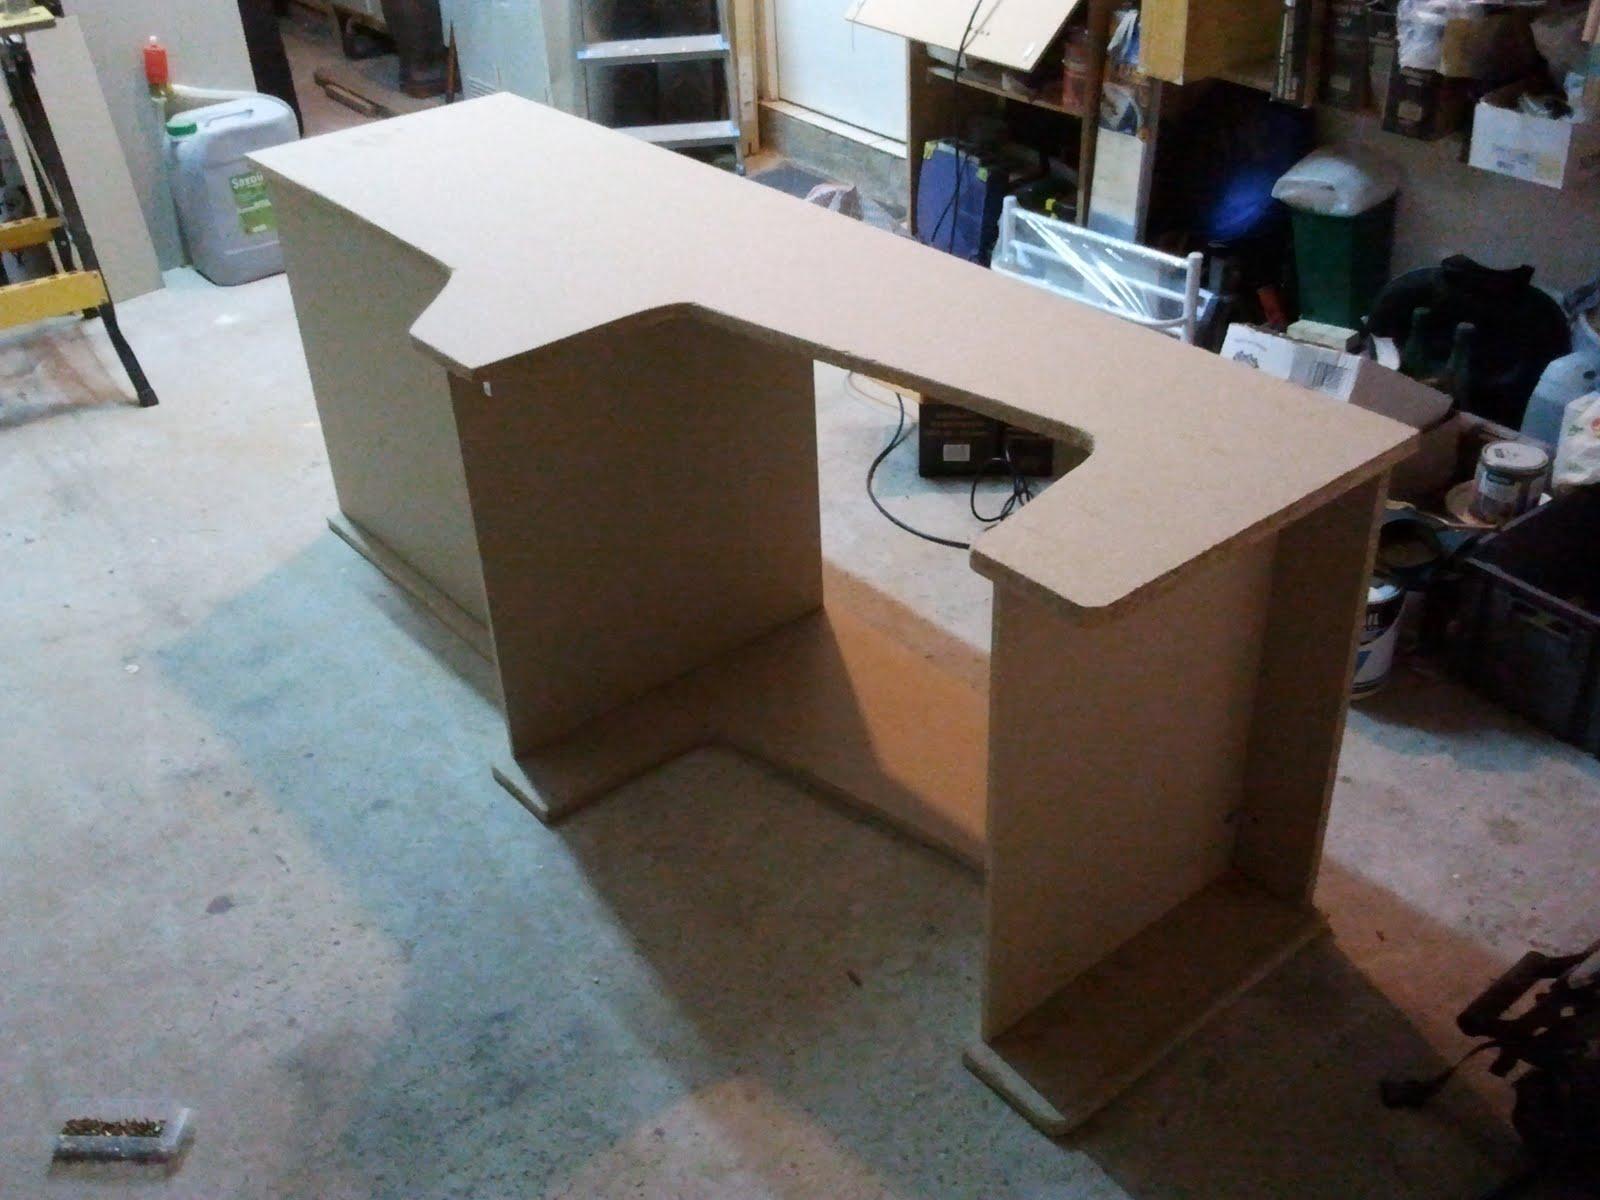 Comment j 39 ai fait une borne d 39 arcade hacker - Borne d arcade maison ...